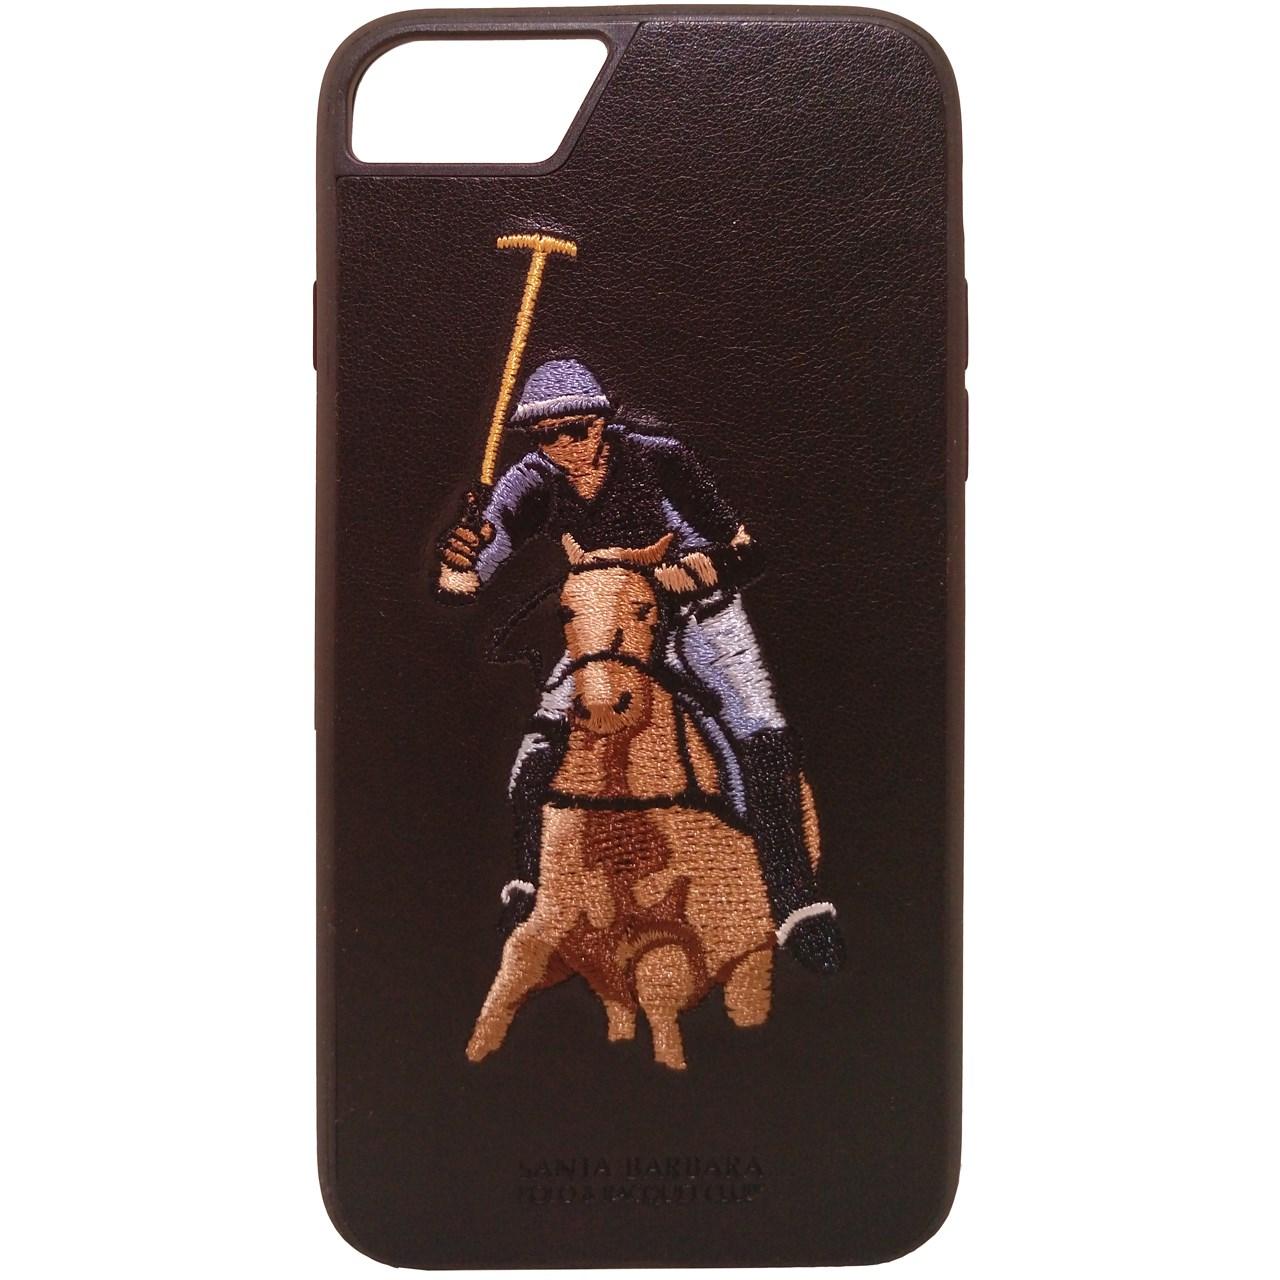 کاور سانتا باربارا مدل Jockey-Blk مناسب برای گوشی موبایل آیفون 7 Plus و 8 Plus